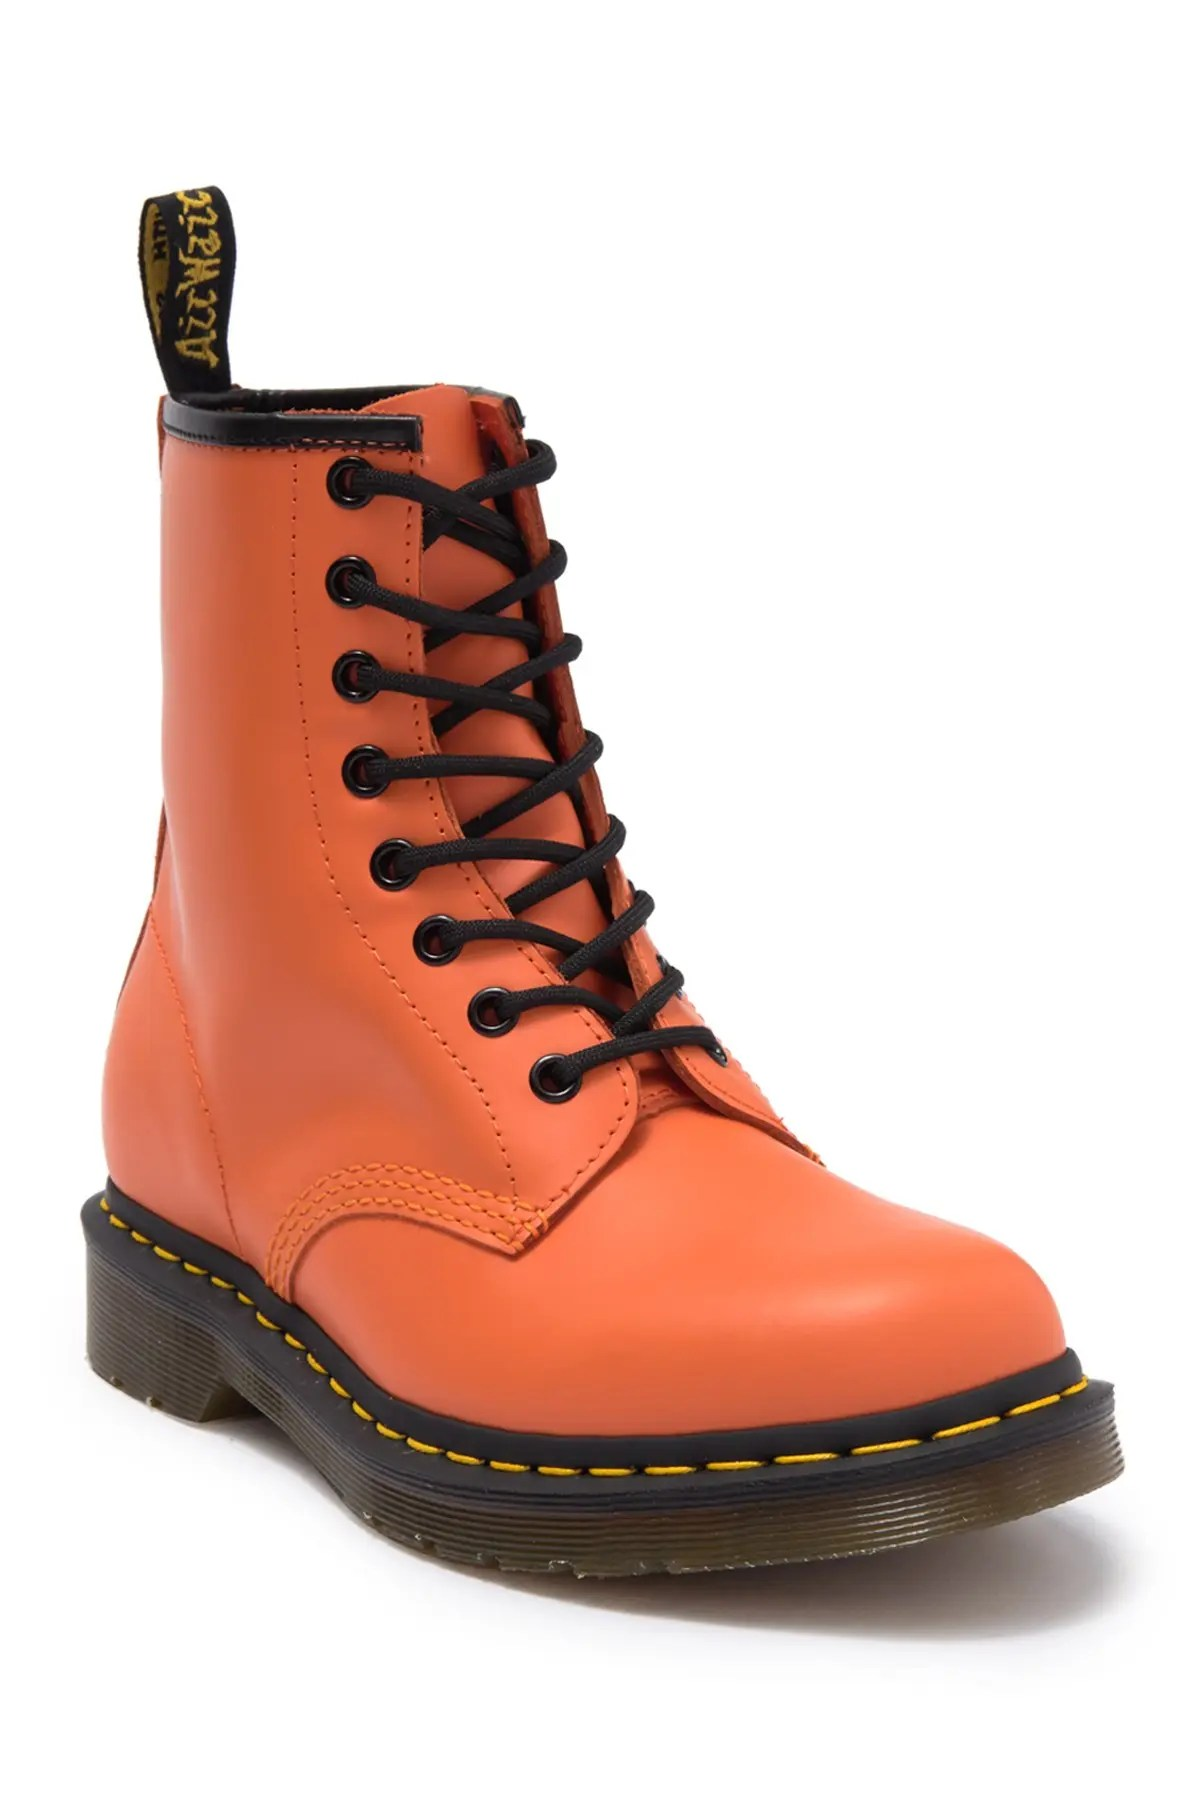 women s boots nordstrom rack